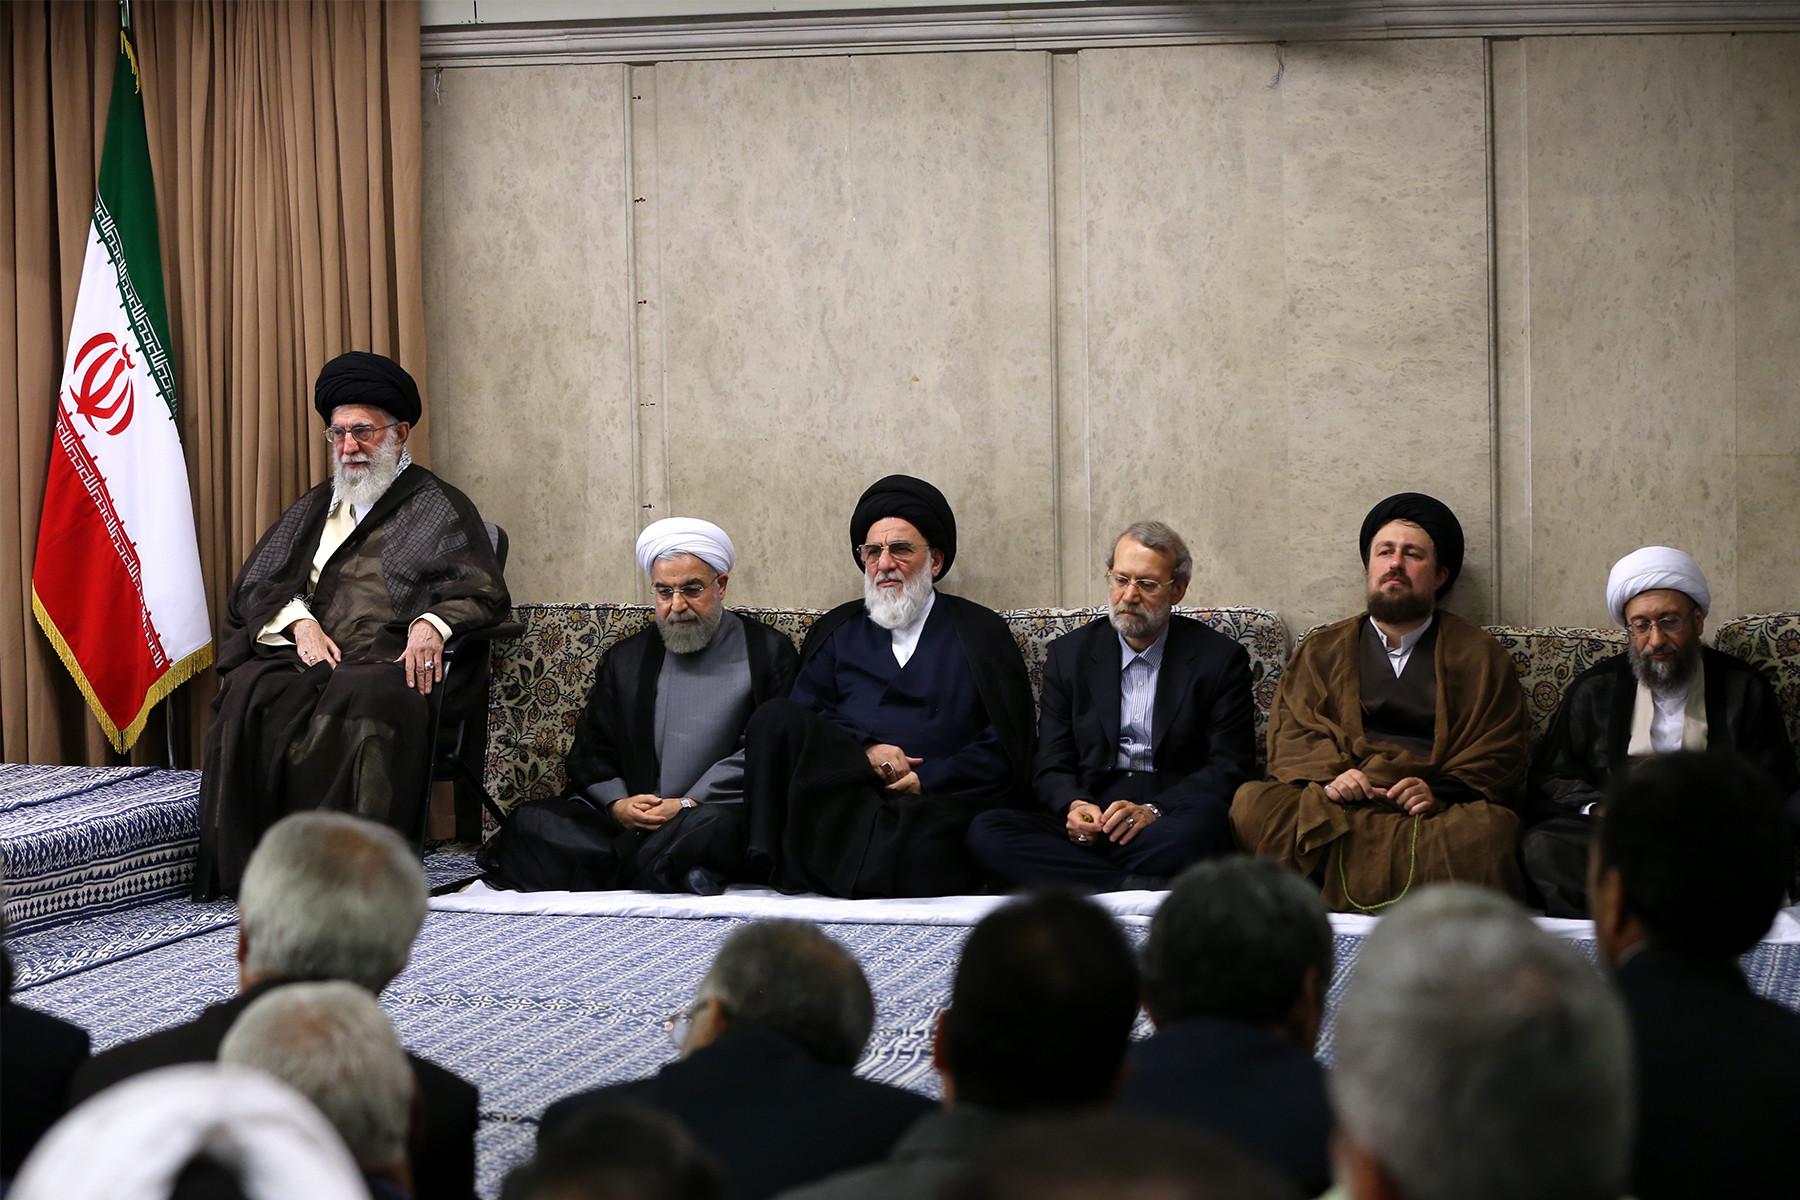 تیم مذاکره کننده ایران امین، غیور، شجاع و متدین هستند